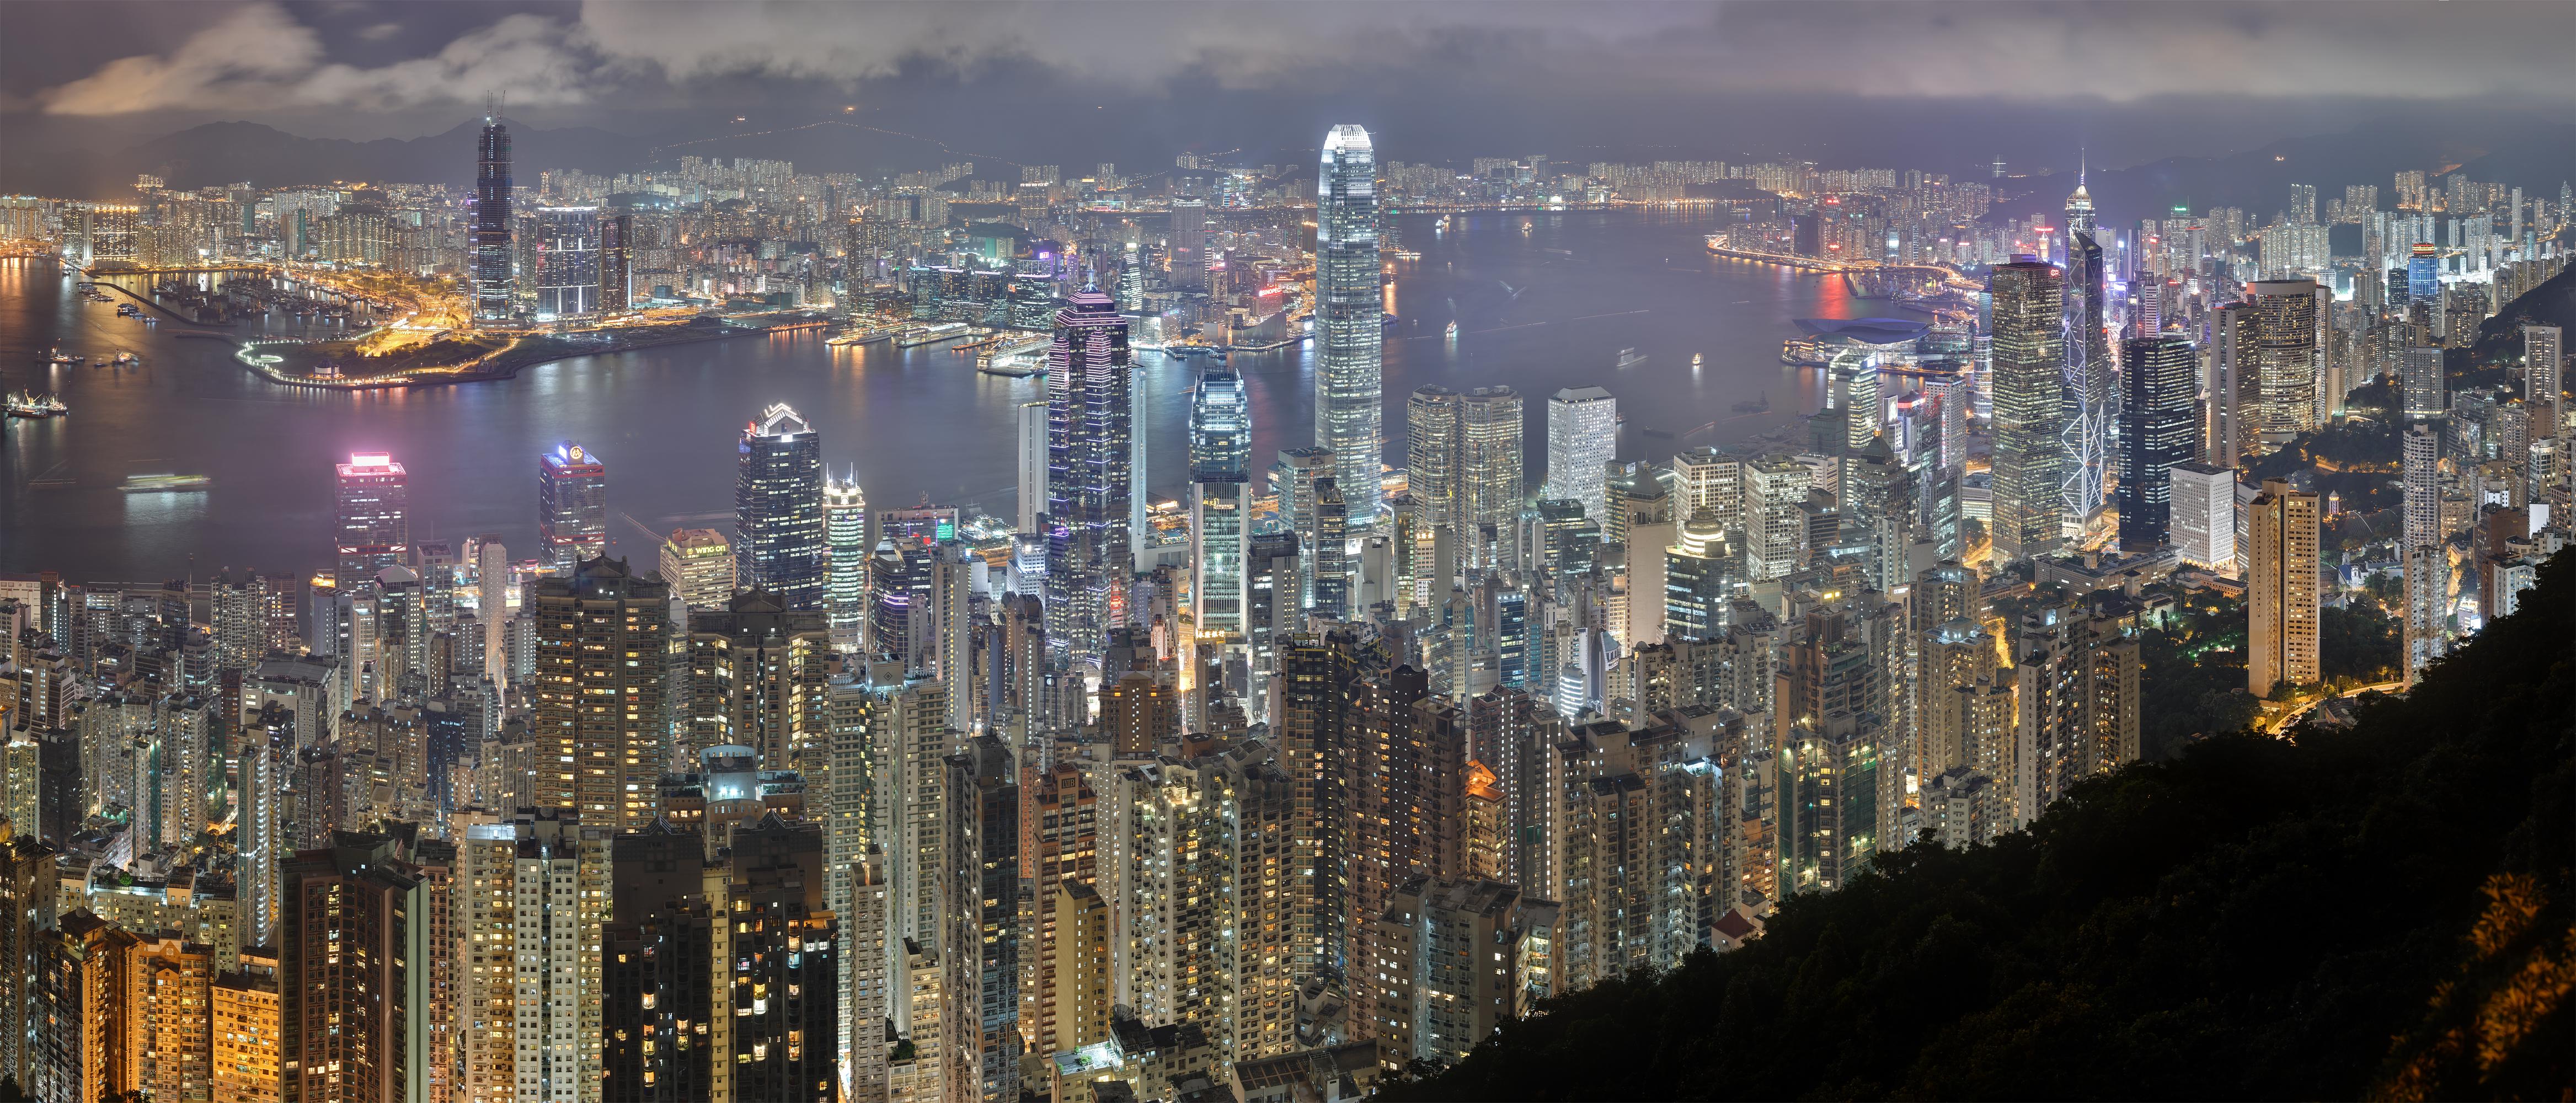 Hongkongi helikopteres túra köti össze Habony Árpádot a magyar letelepedési kötvények egyik offshore forgalmazójával